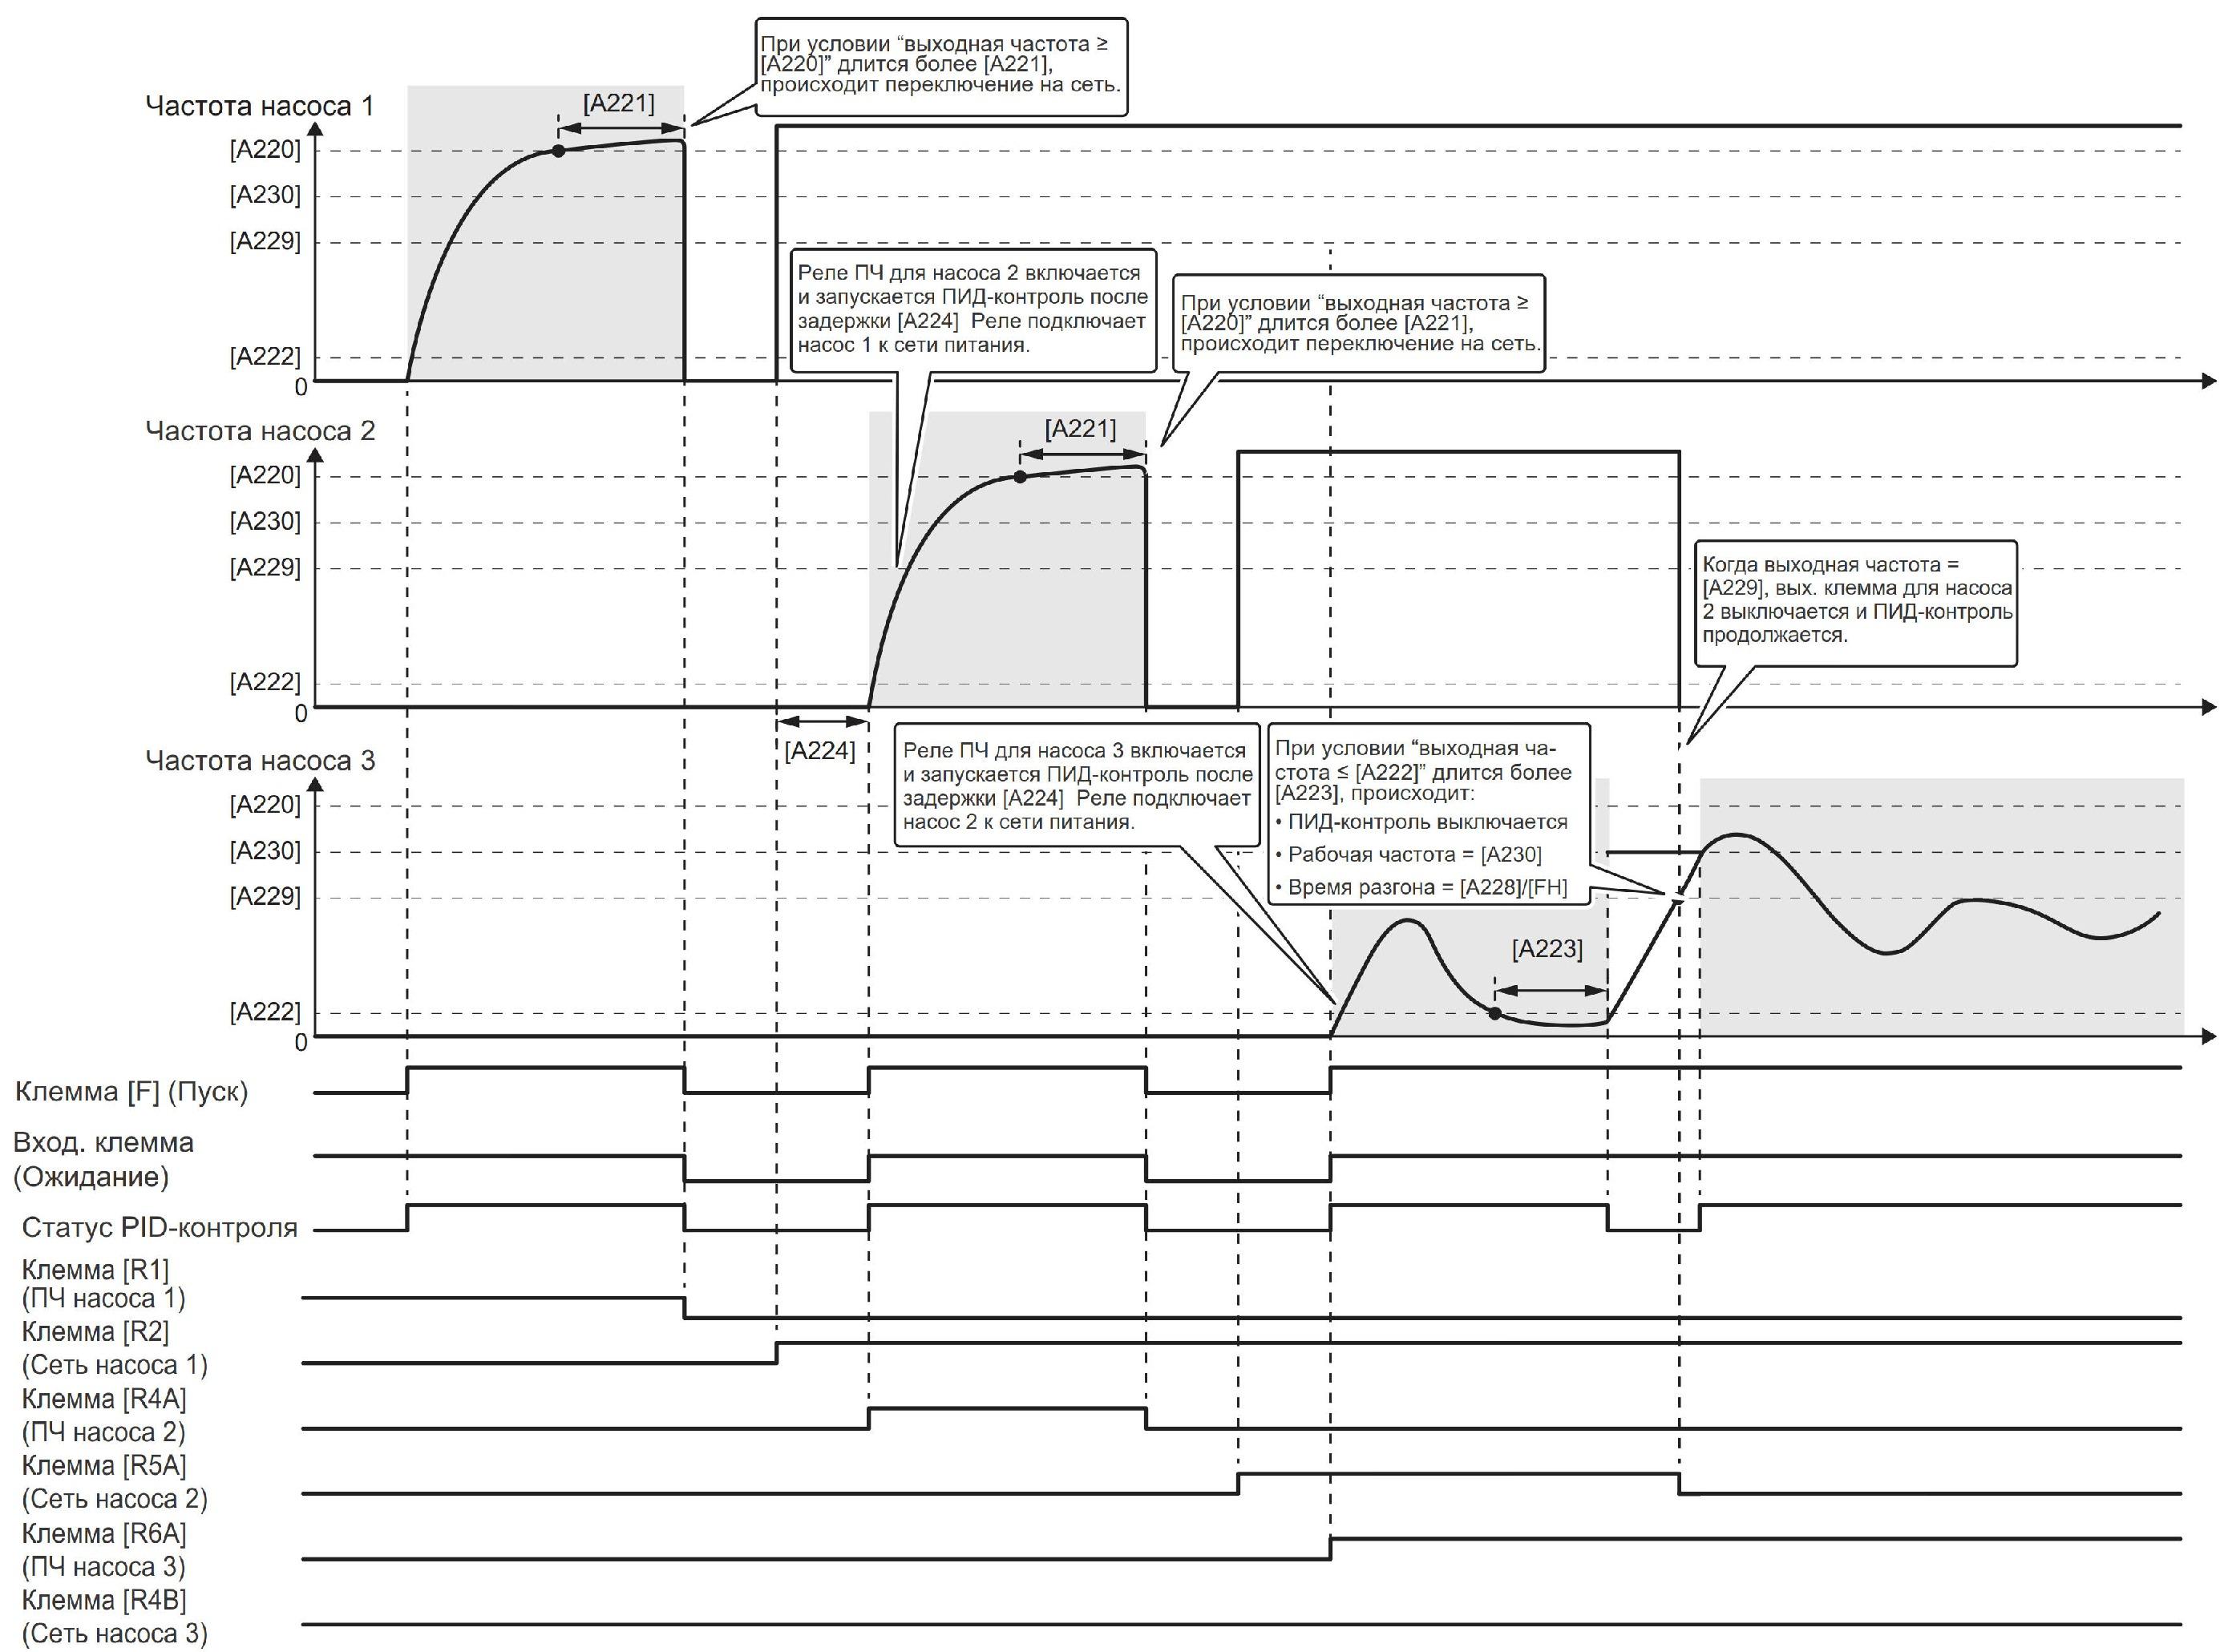 Диаграмма каскадного подключения/отключения насосов с последовательным регулированием каждого насоса